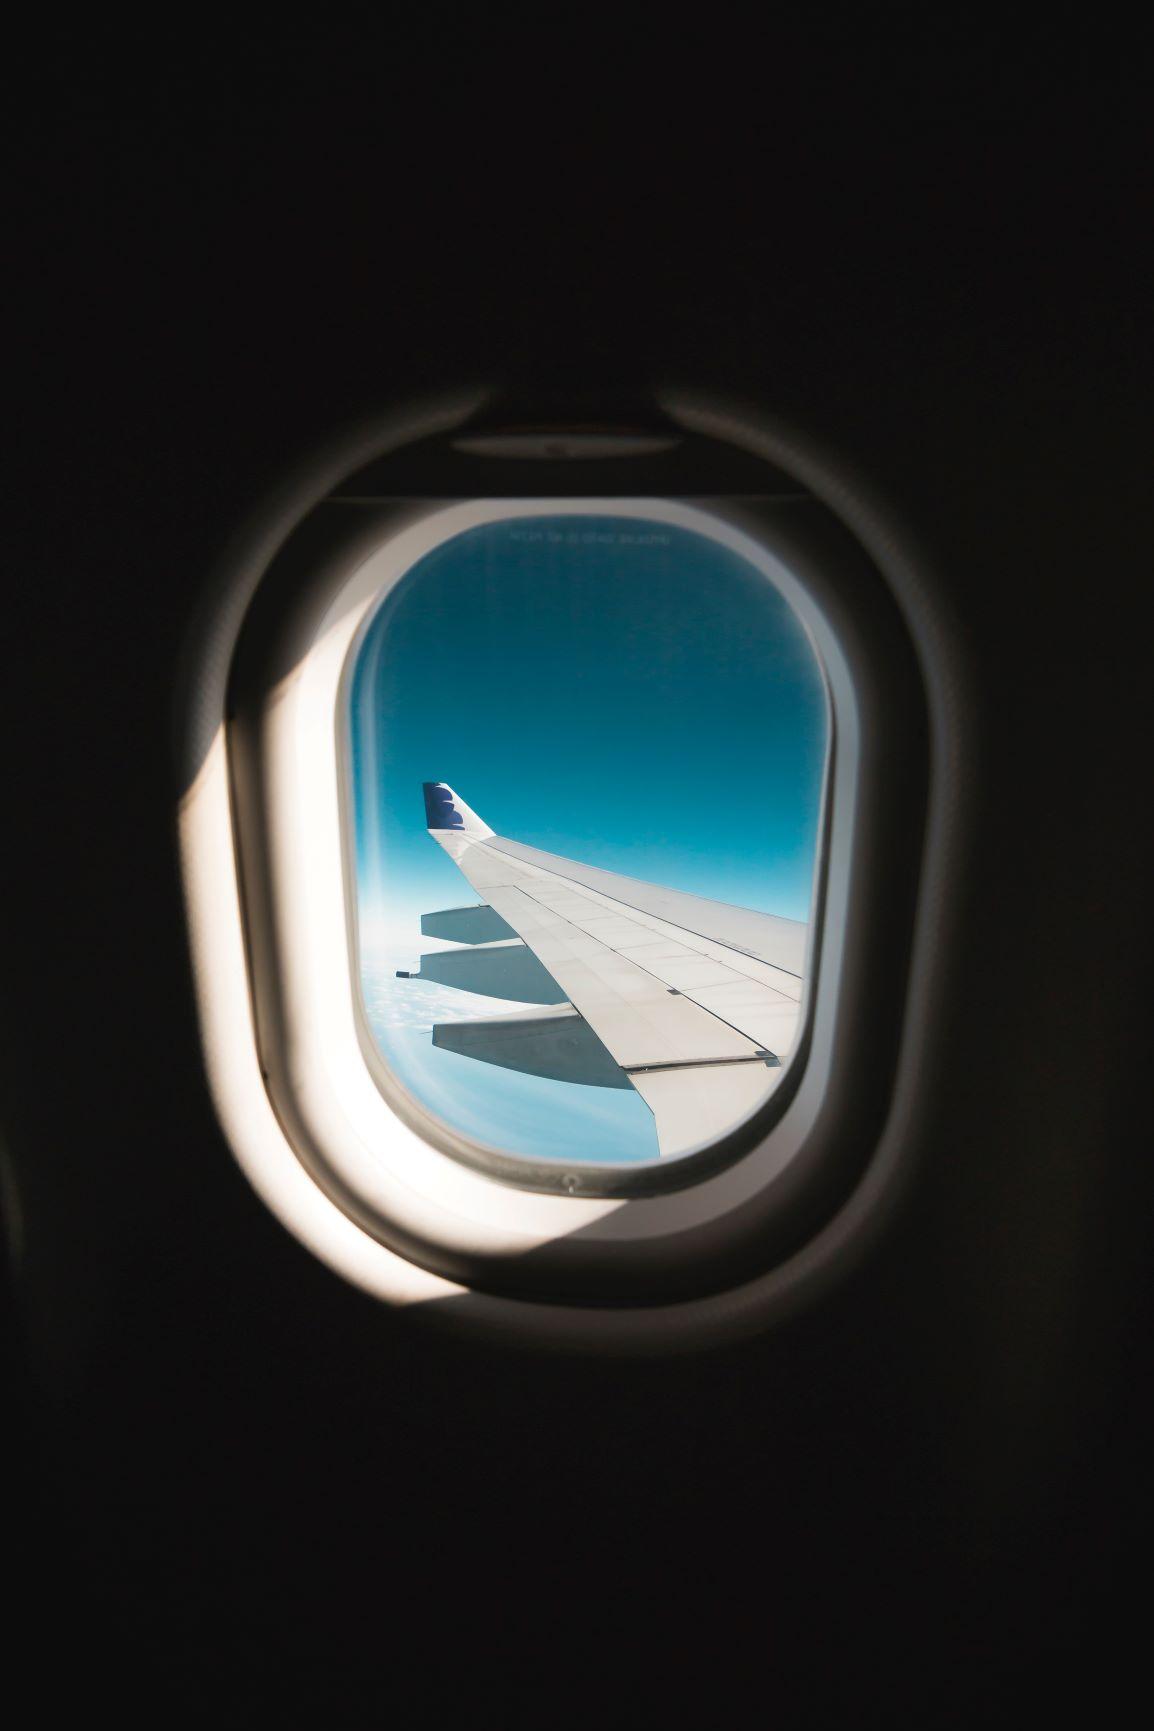 Fenster im Flugzeug